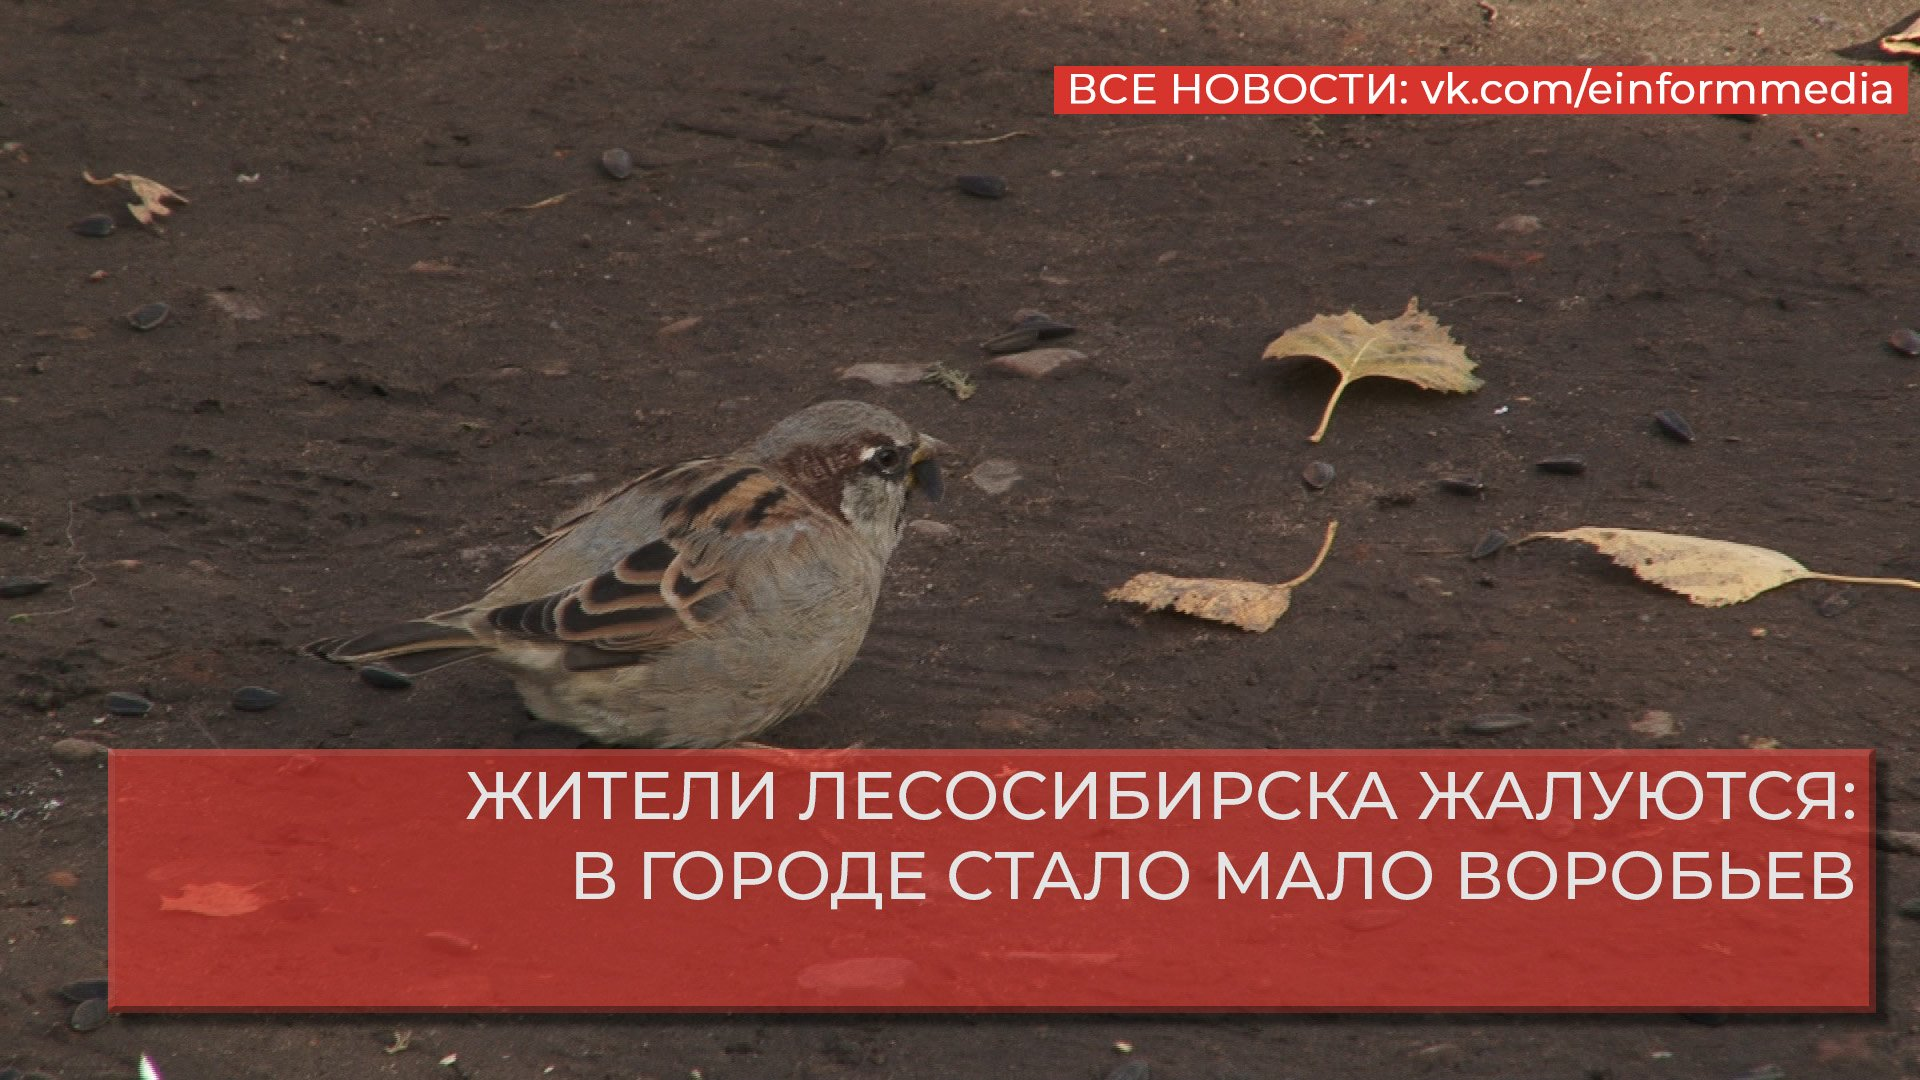 ЖИТЕЛИ ЛЕСОСИБИРСКА ЖАЛУЮТСЯ: В ГОРОДЕ СТАЛО МАЛО ВОРОБЬЕВ.mp4